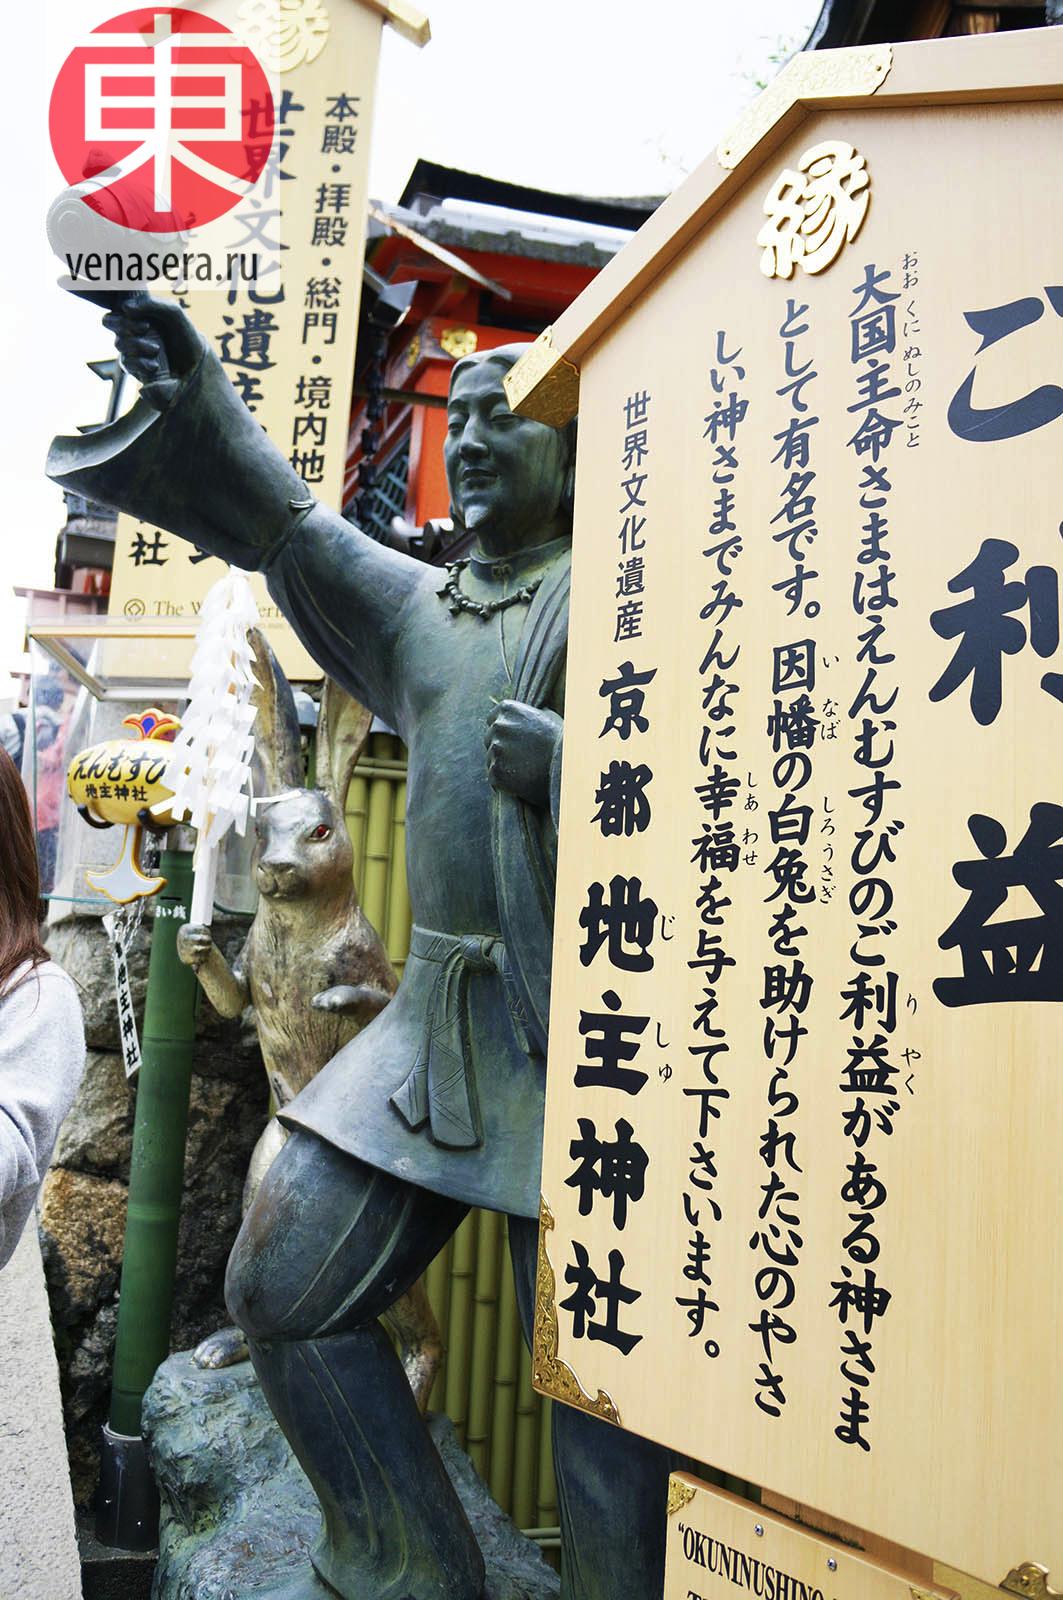 Святилище Оконинуси-но-Микото, 奥に主命, Храм Киёмидзу-дэра в Киото, 清水寺, Киото, Kyoto, 京都, Япония, Japan, 日本.